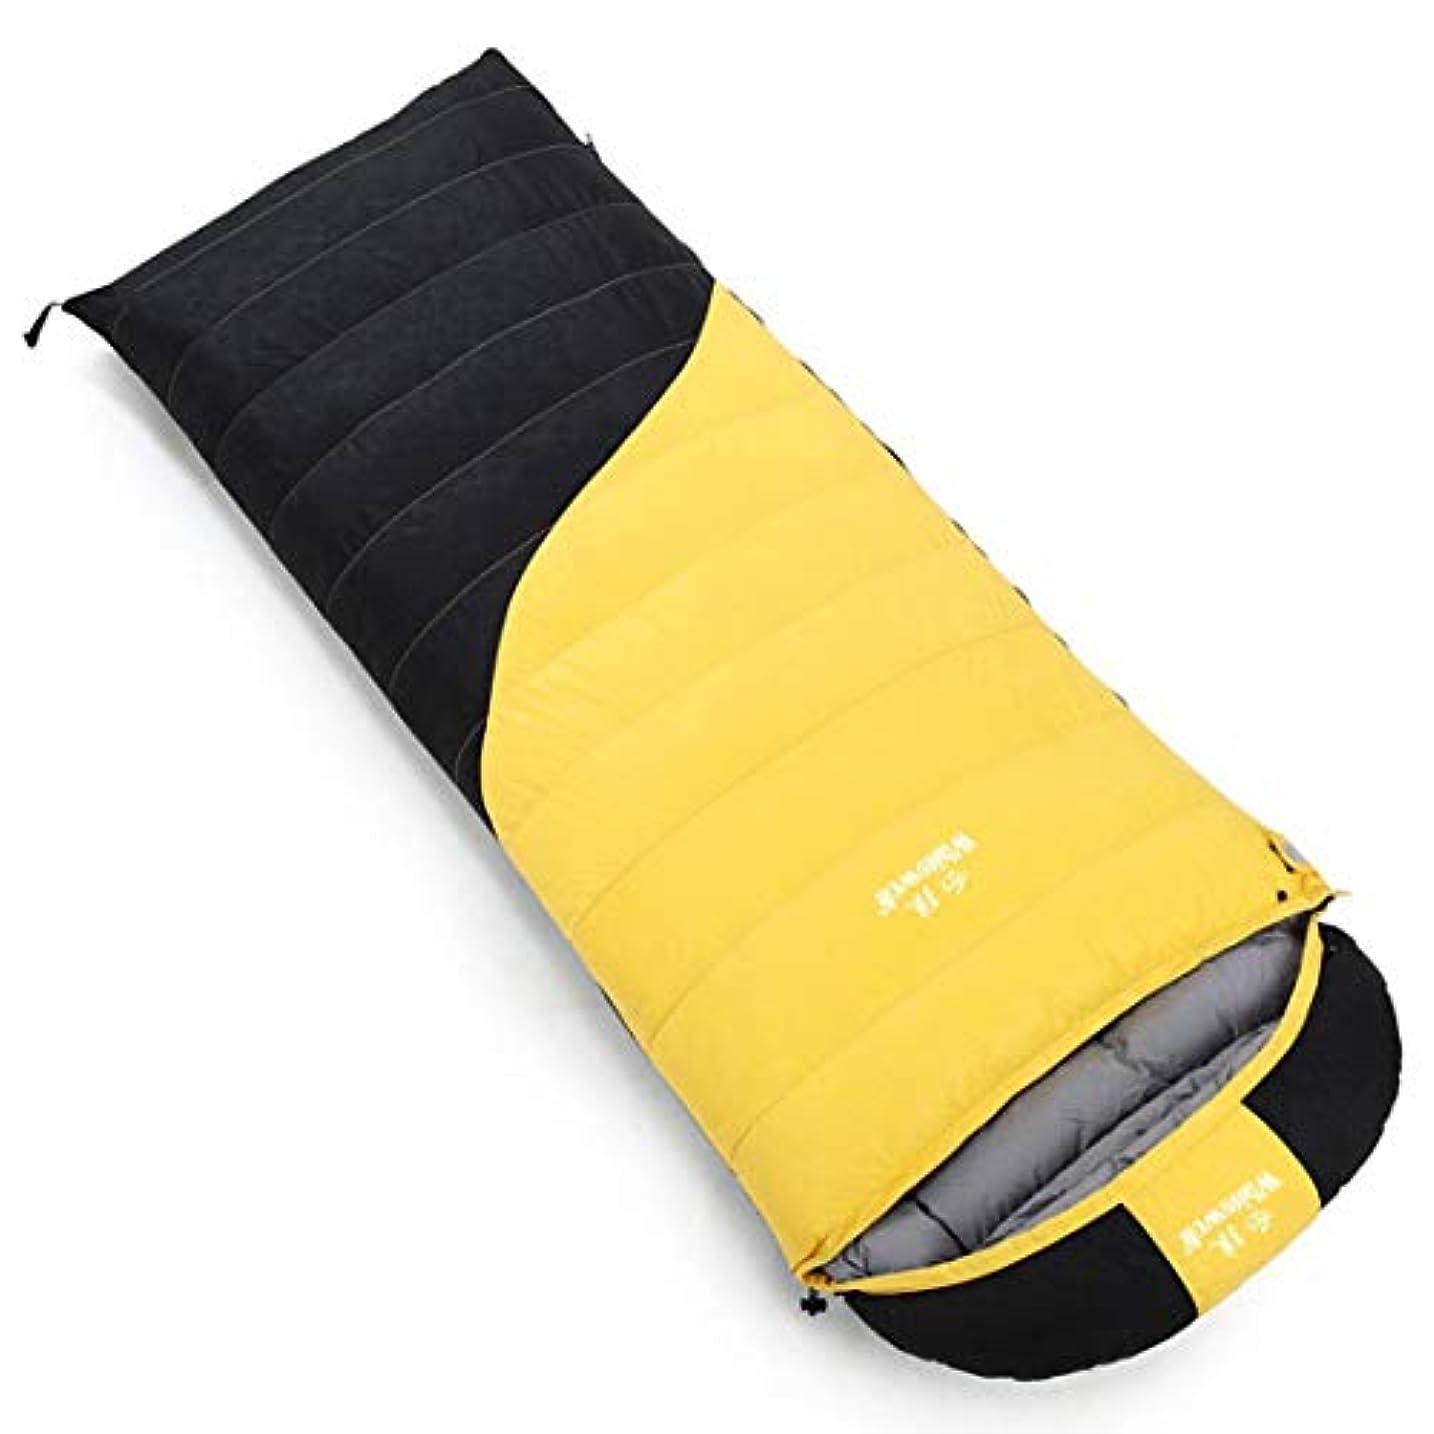 余韻吹雪キャラクターLilyAngel 寝袋暖かいフィールドポータブル封筒暖かいポータブル一緒に戦うことができる野生の屋外キャンプに適したダブル通気性の寝袋